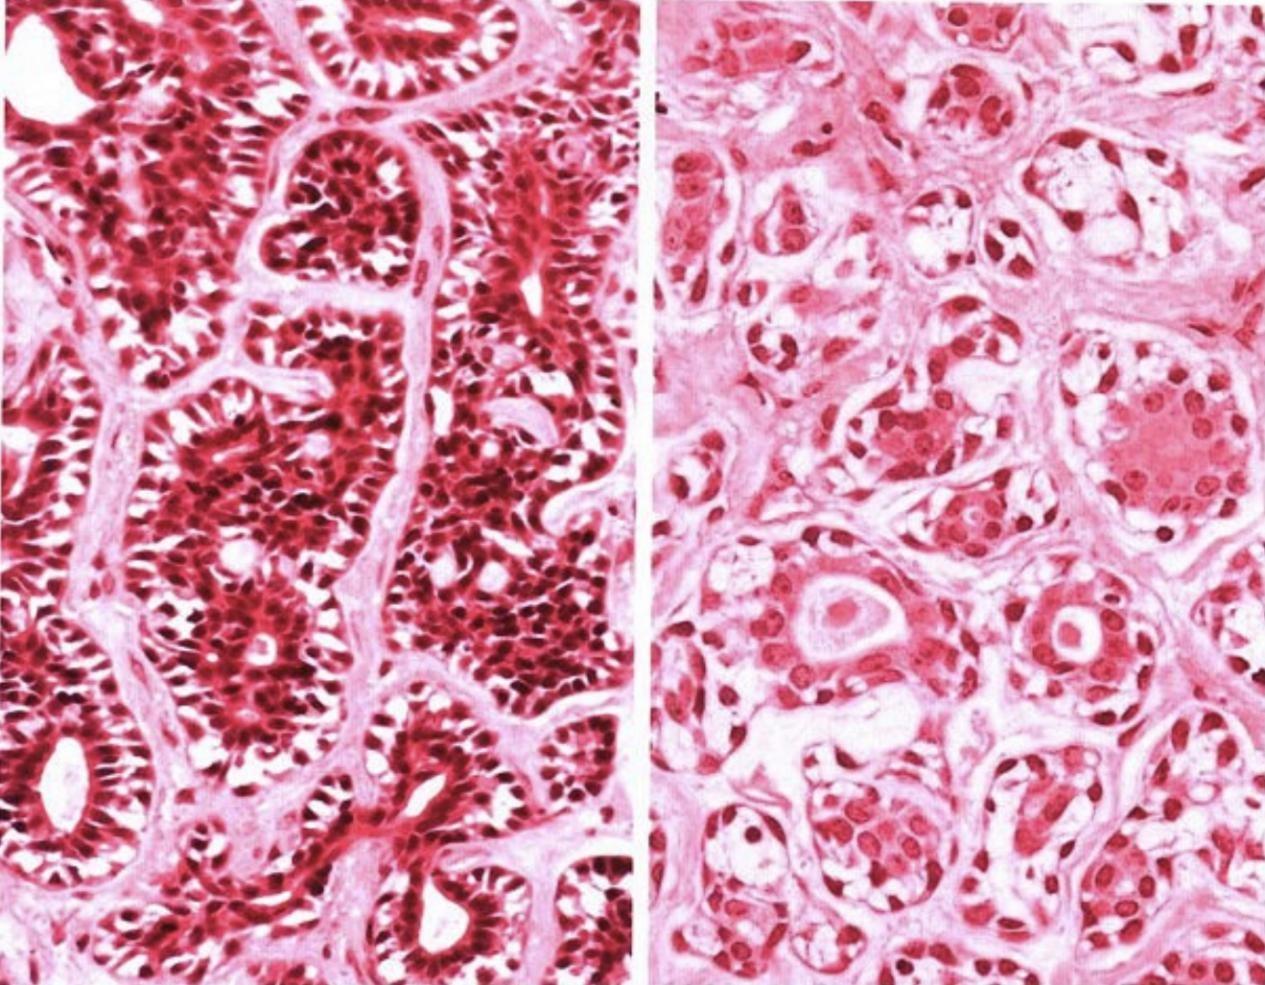 """从「多形性腺瘤」到「腺样囊性癌」:揭秘「涎腺肿瘤」的""""前世今生"""""""